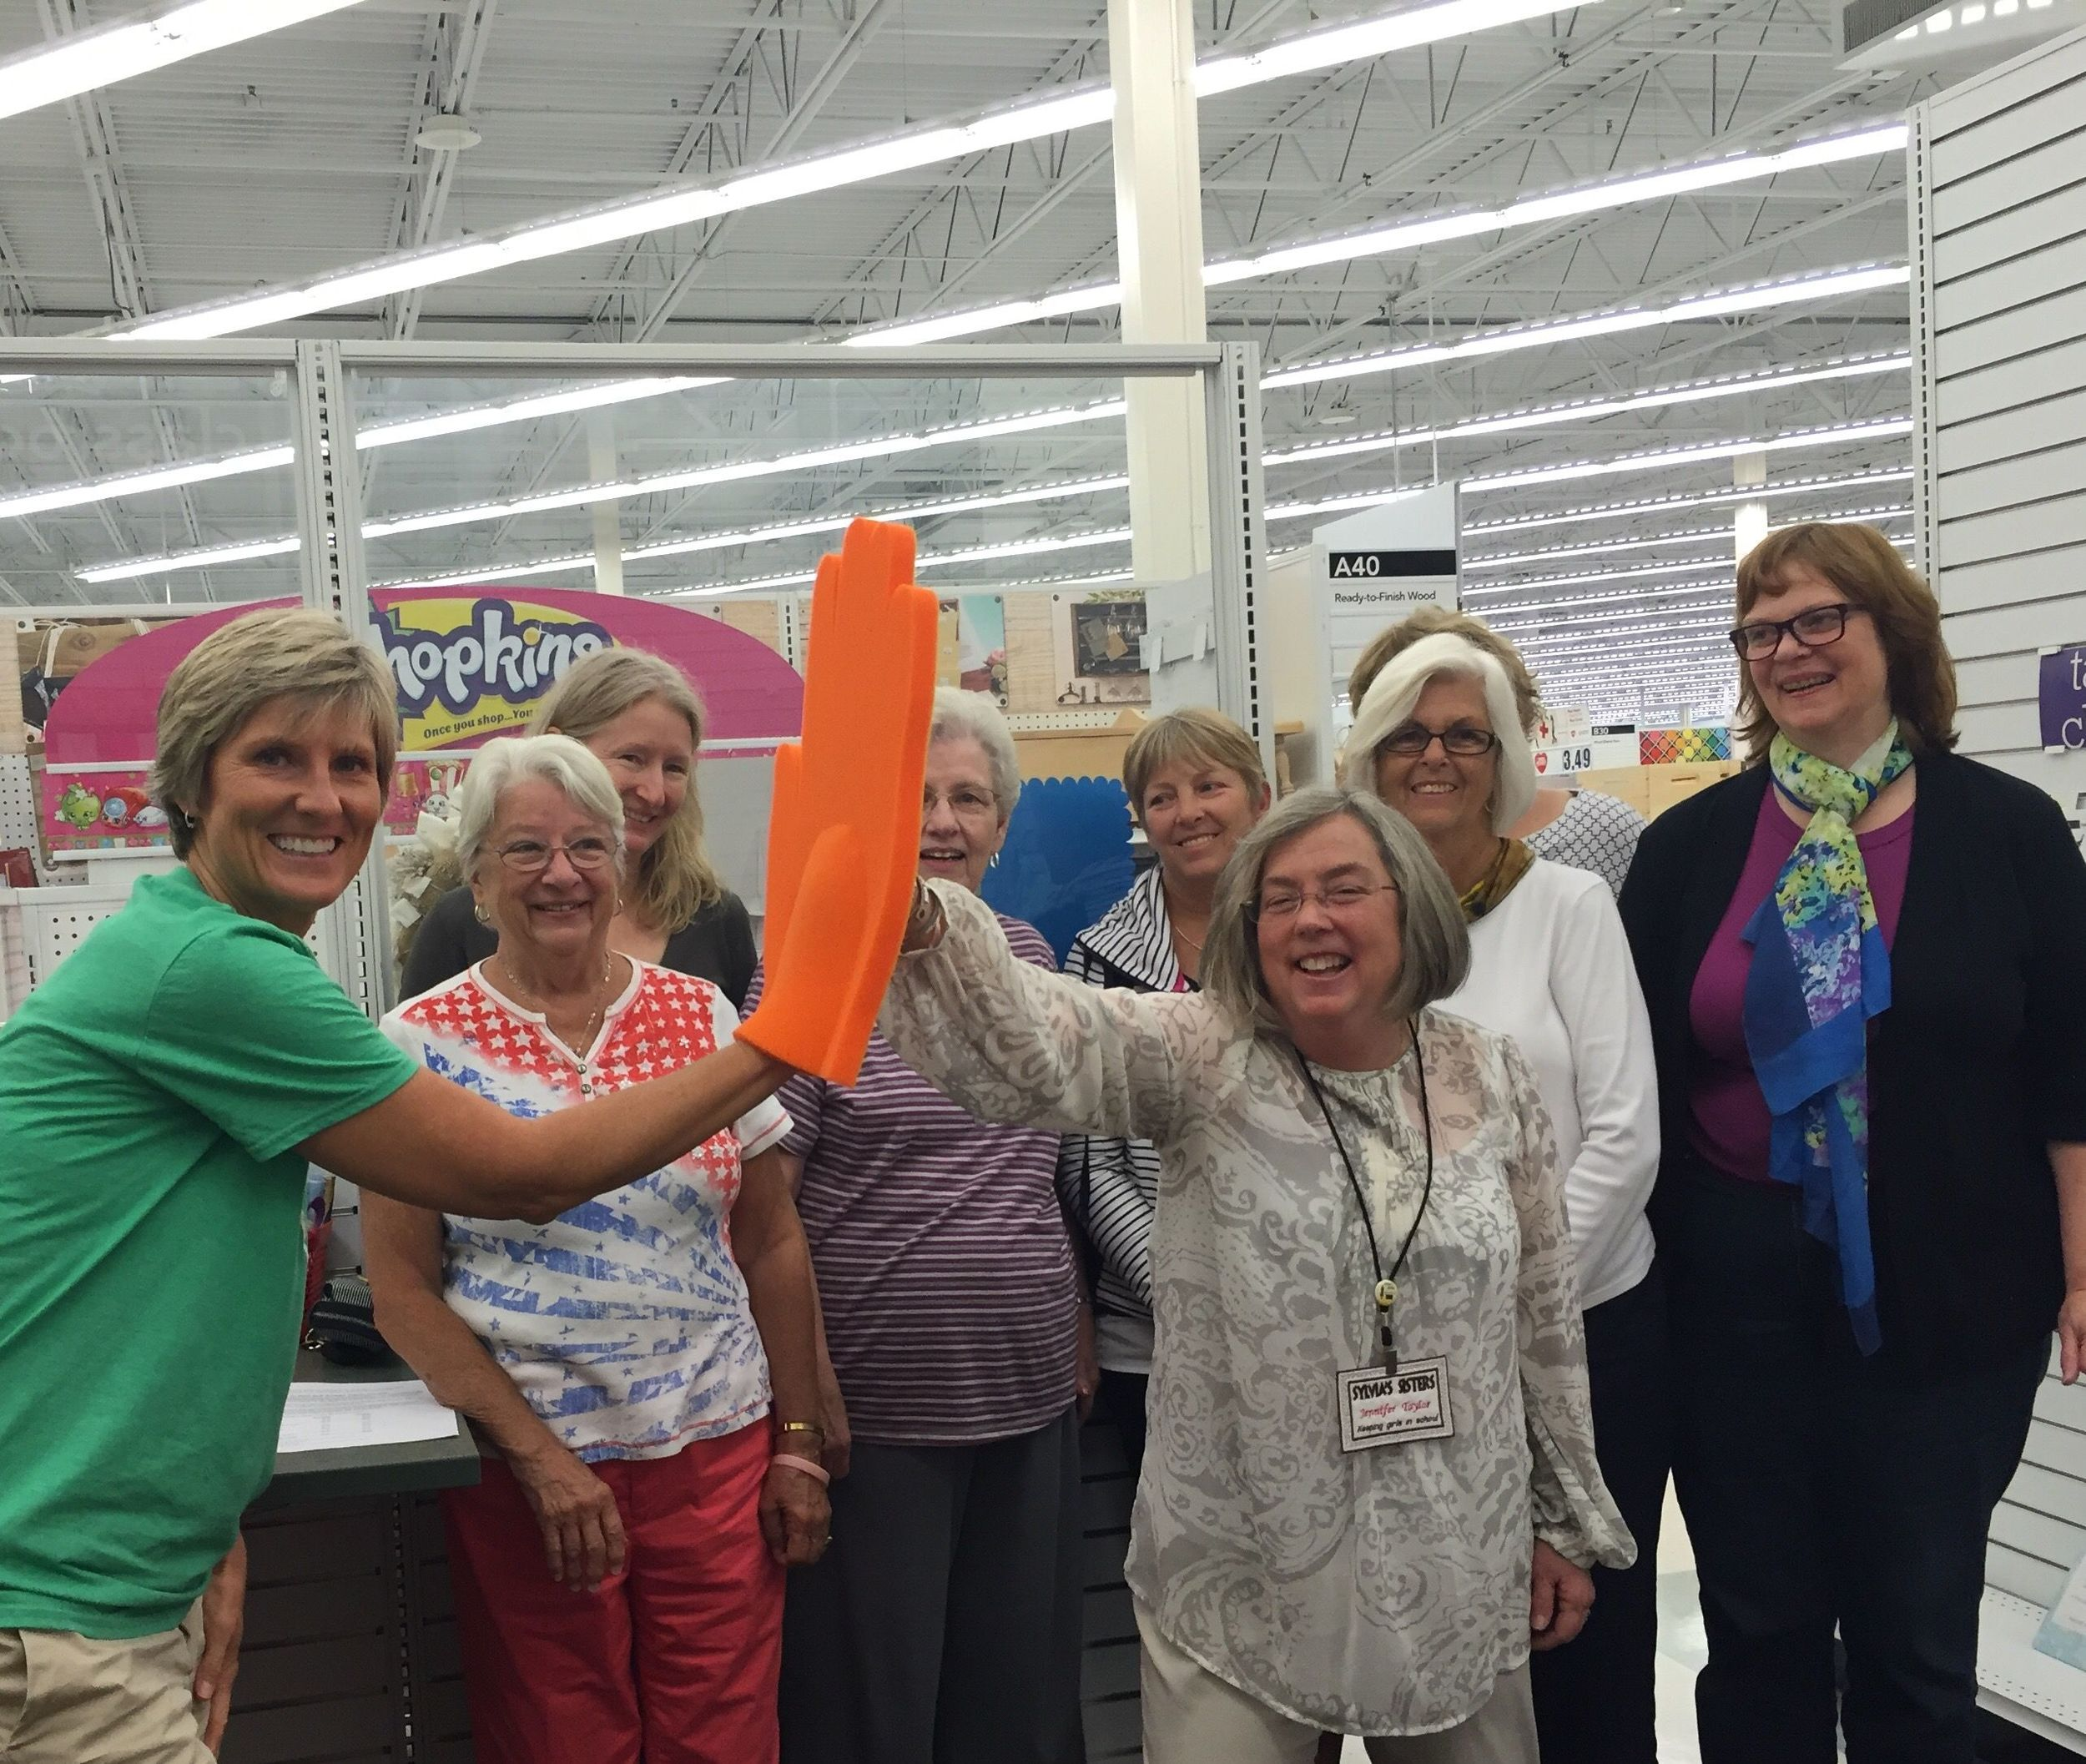 Sylvia's Sisters volunteers at the August board meeting